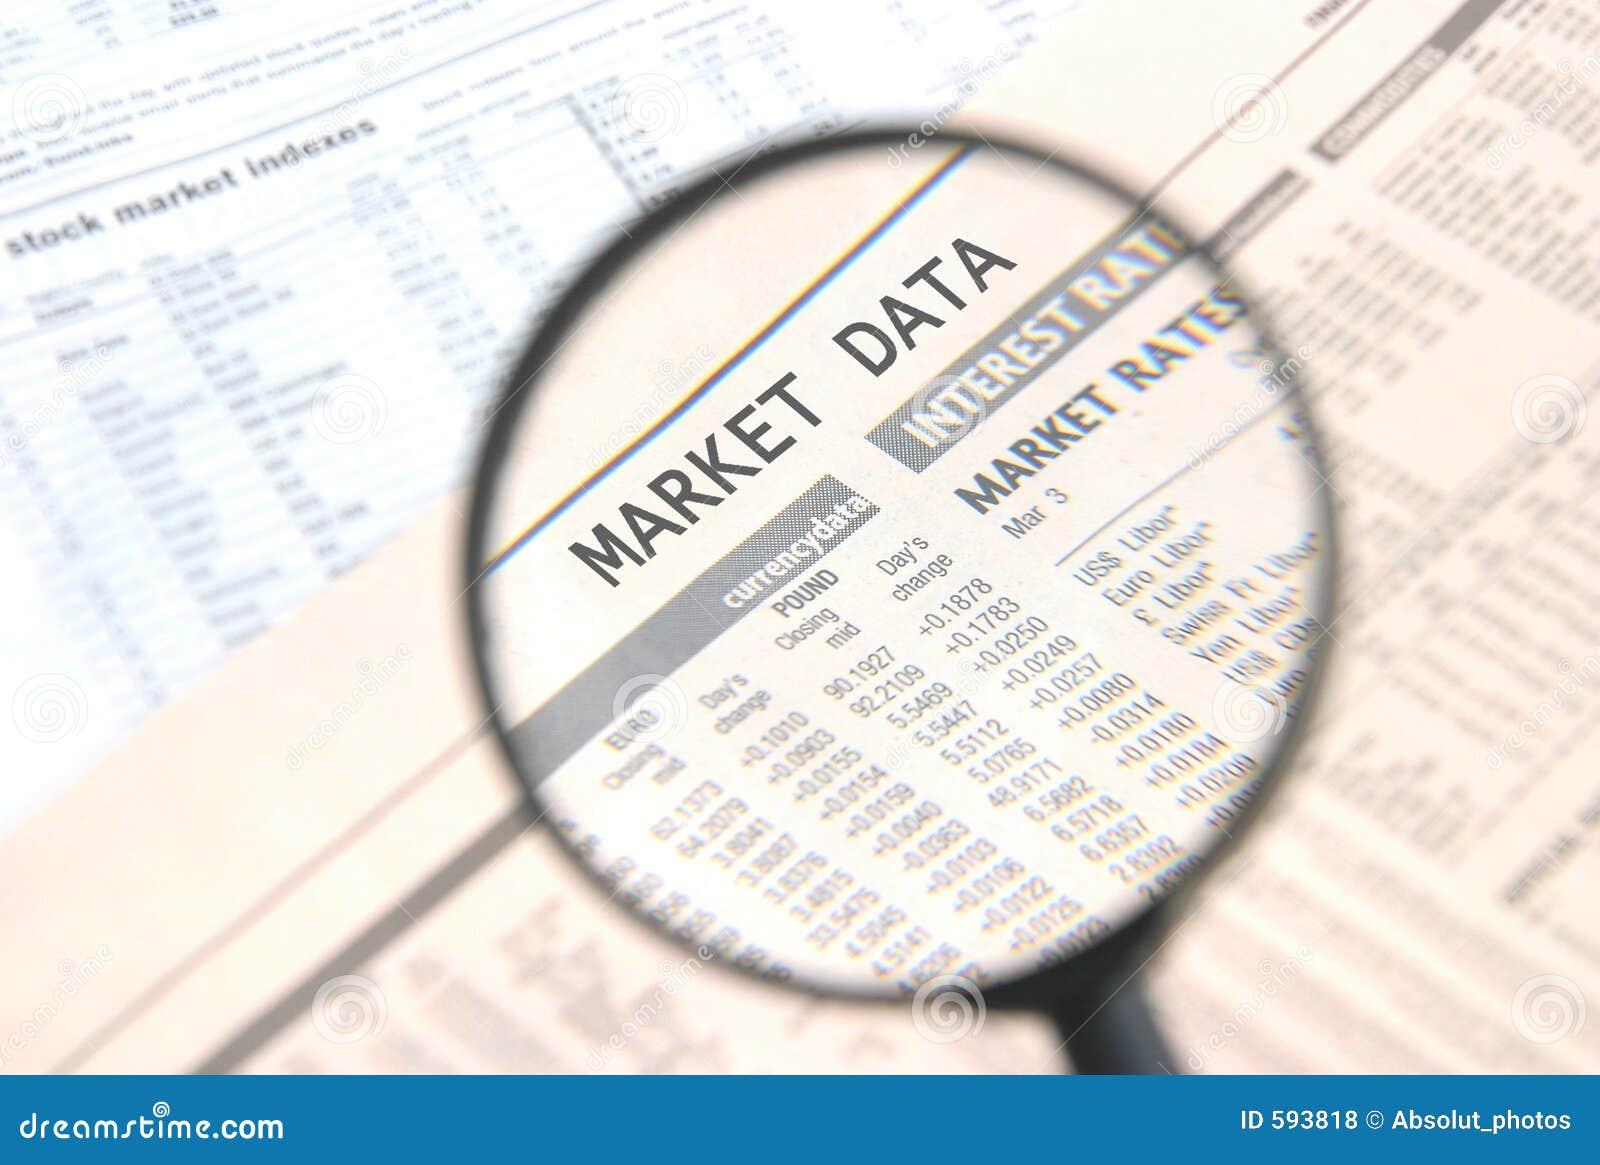 Markt-Daten